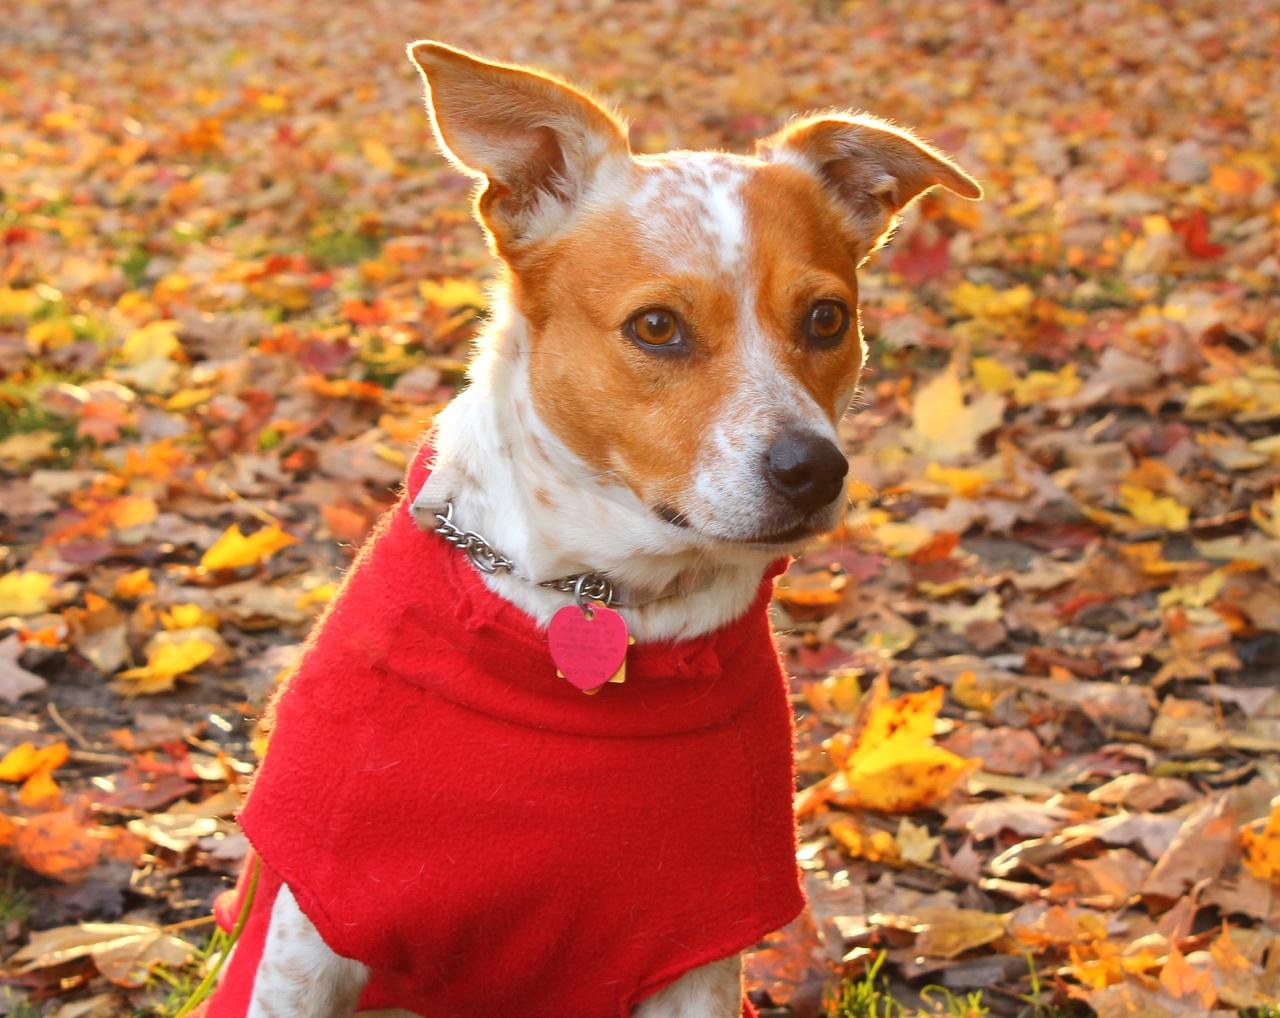 Todo lo que necesita saber sobre la ropa para mascotas